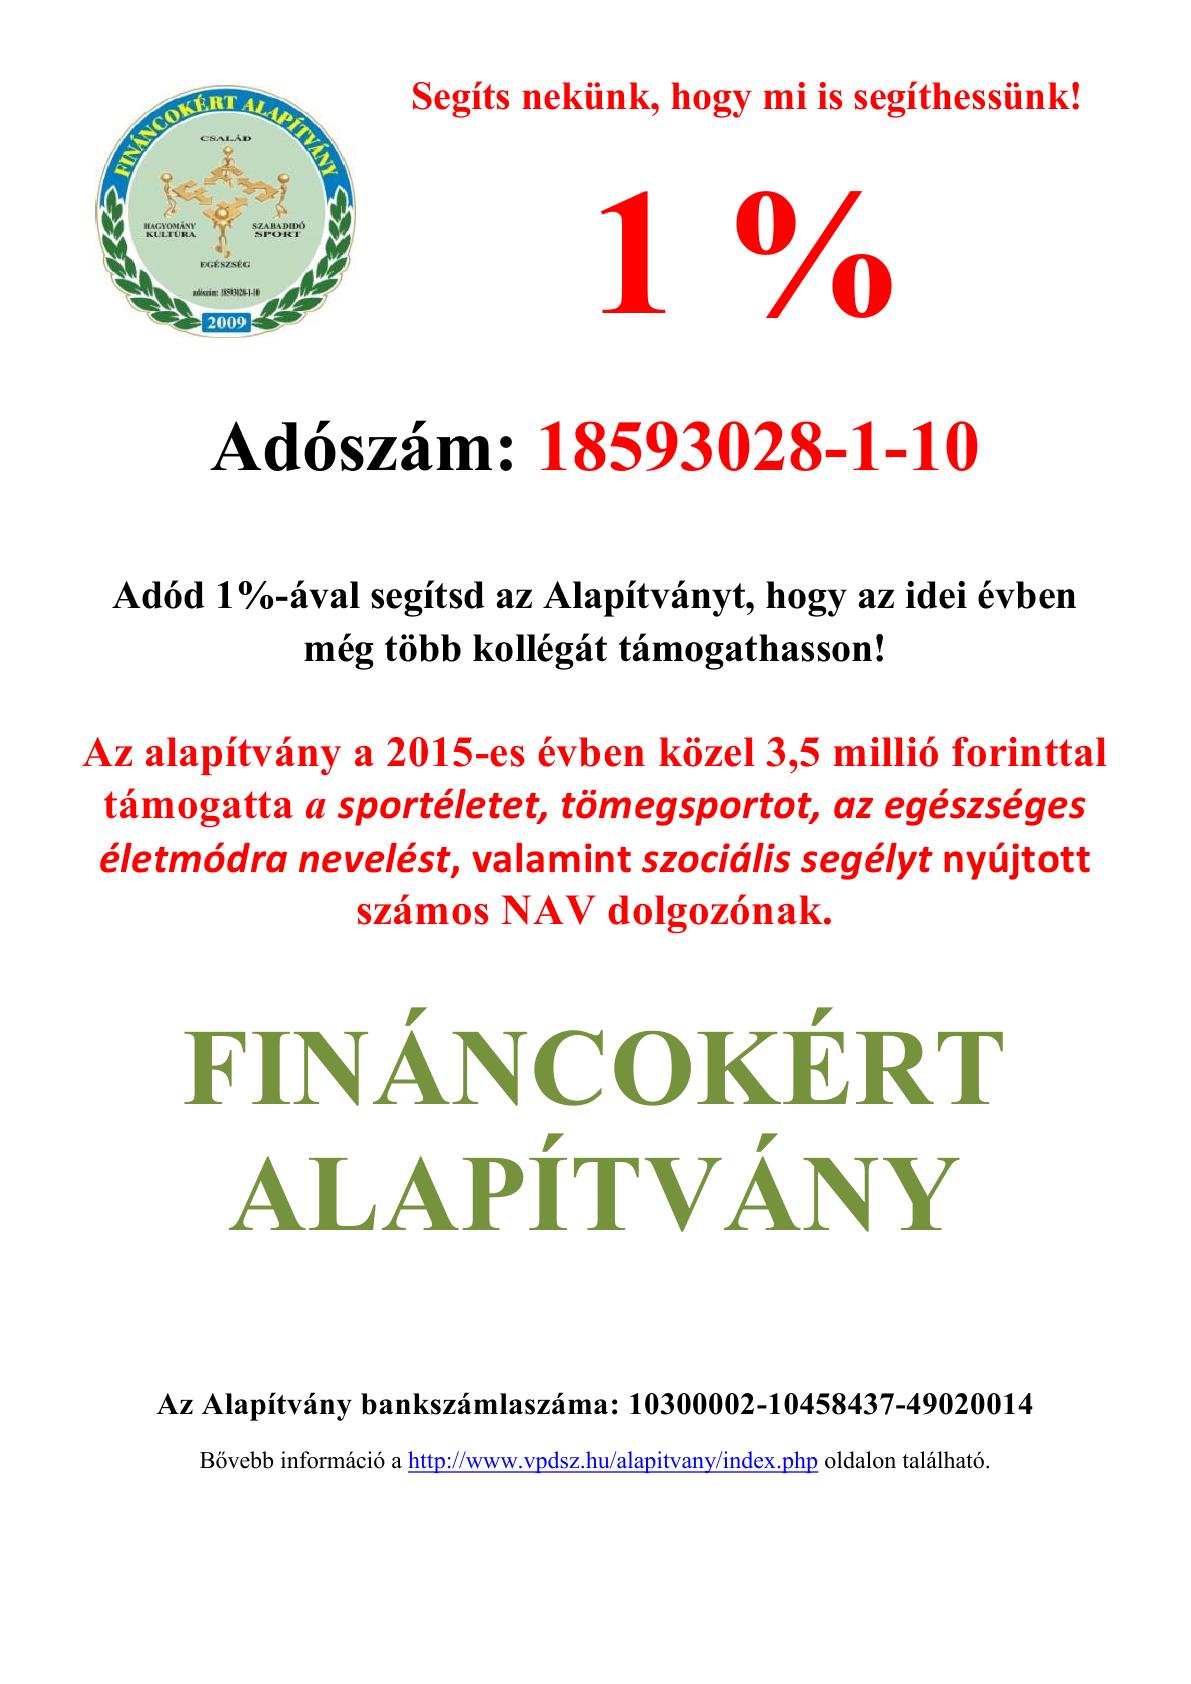 alapitvany201511